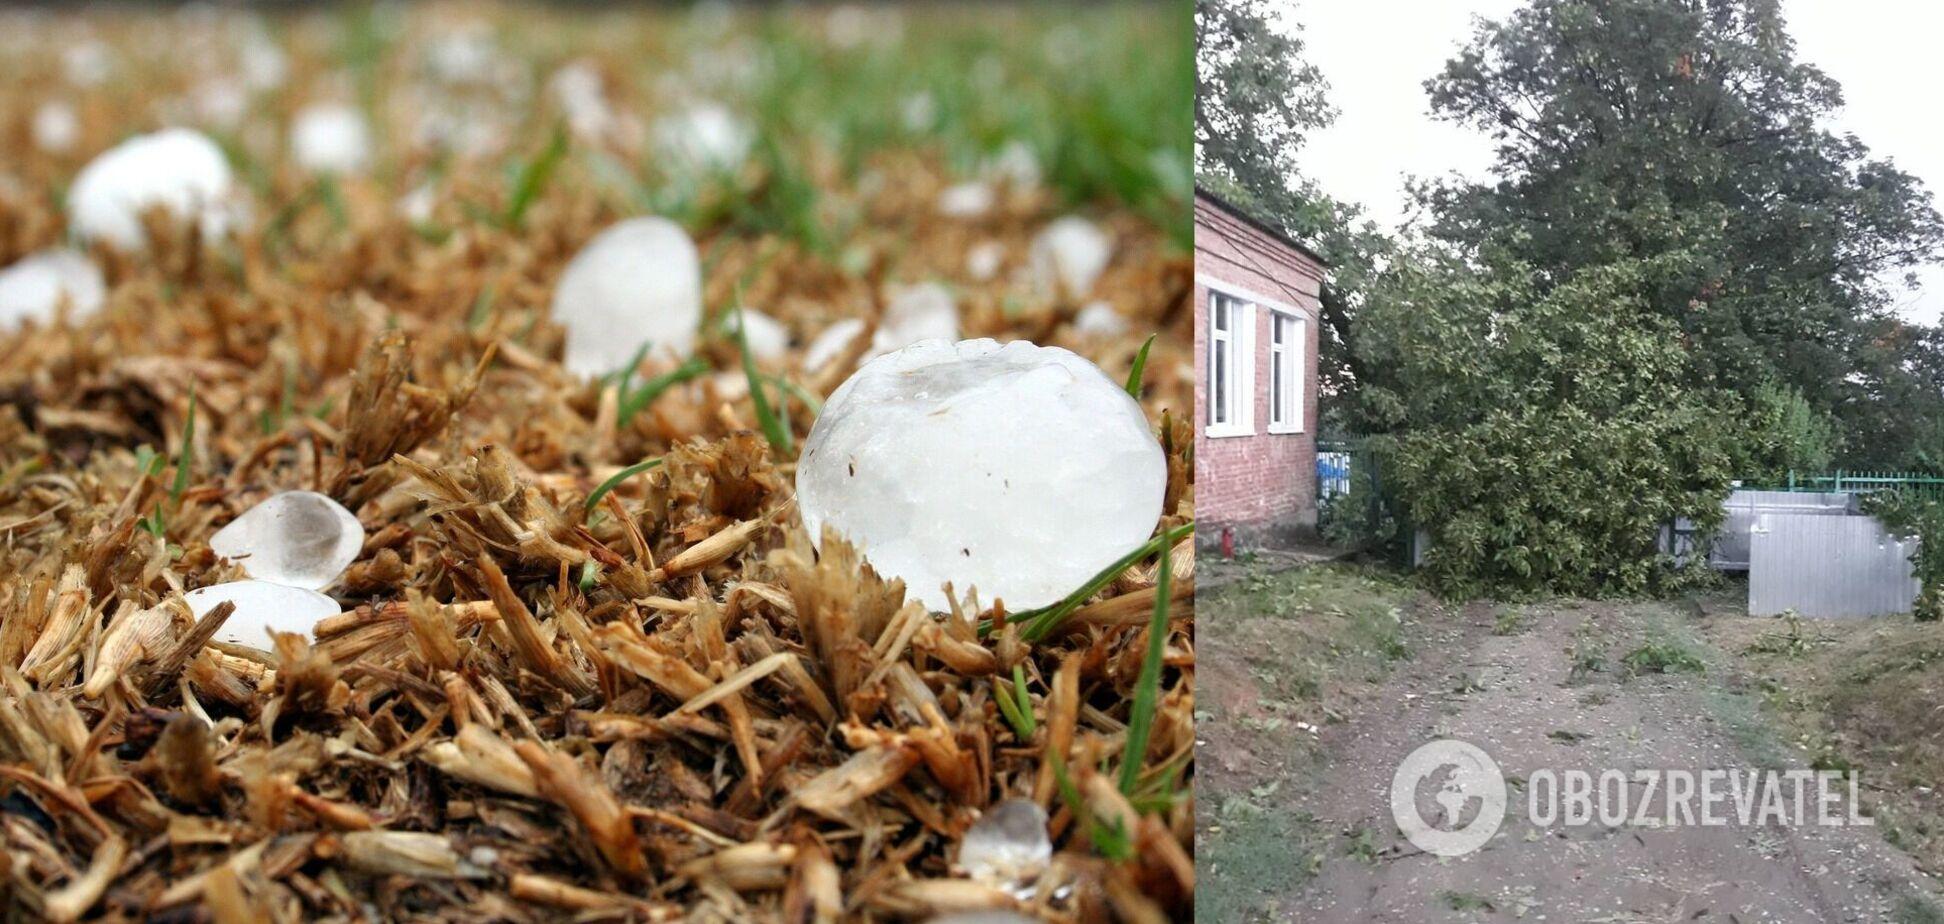 В России мощный ураган сносил все на своем пути, а град повредил машины. Фото и видео